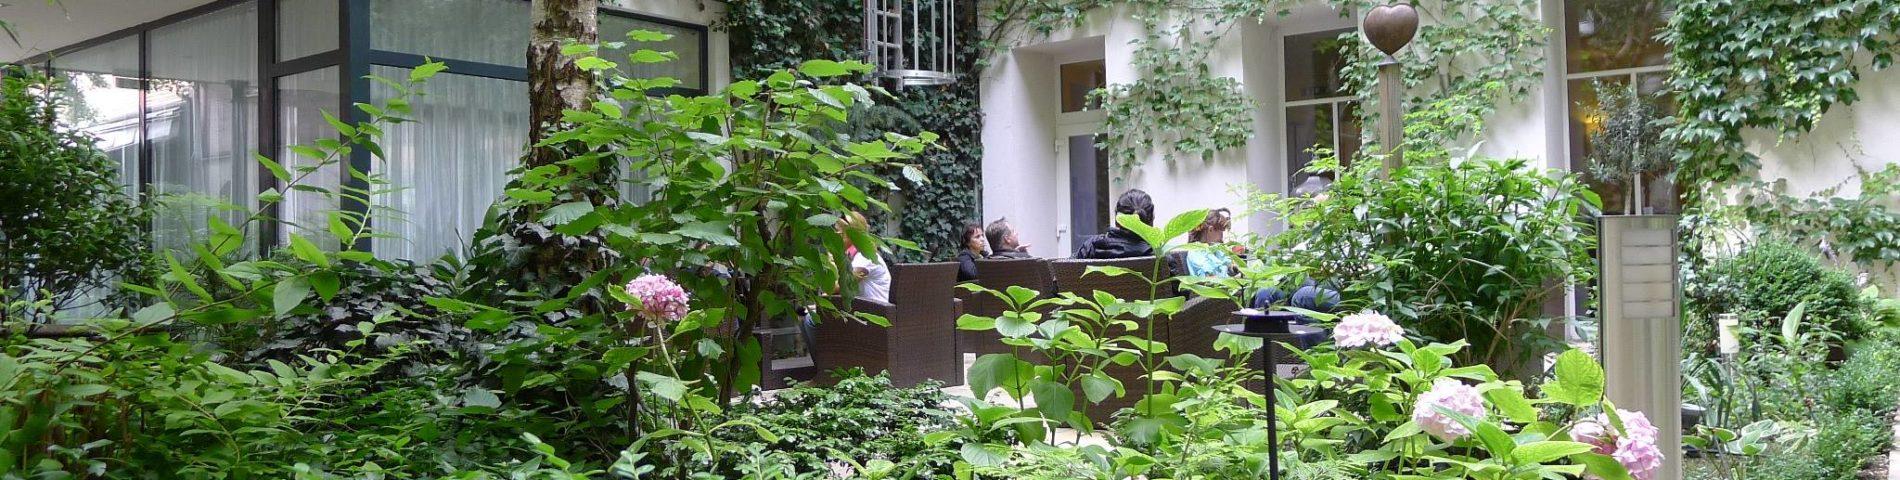 Fassadenbegrünung in einem Innenhof